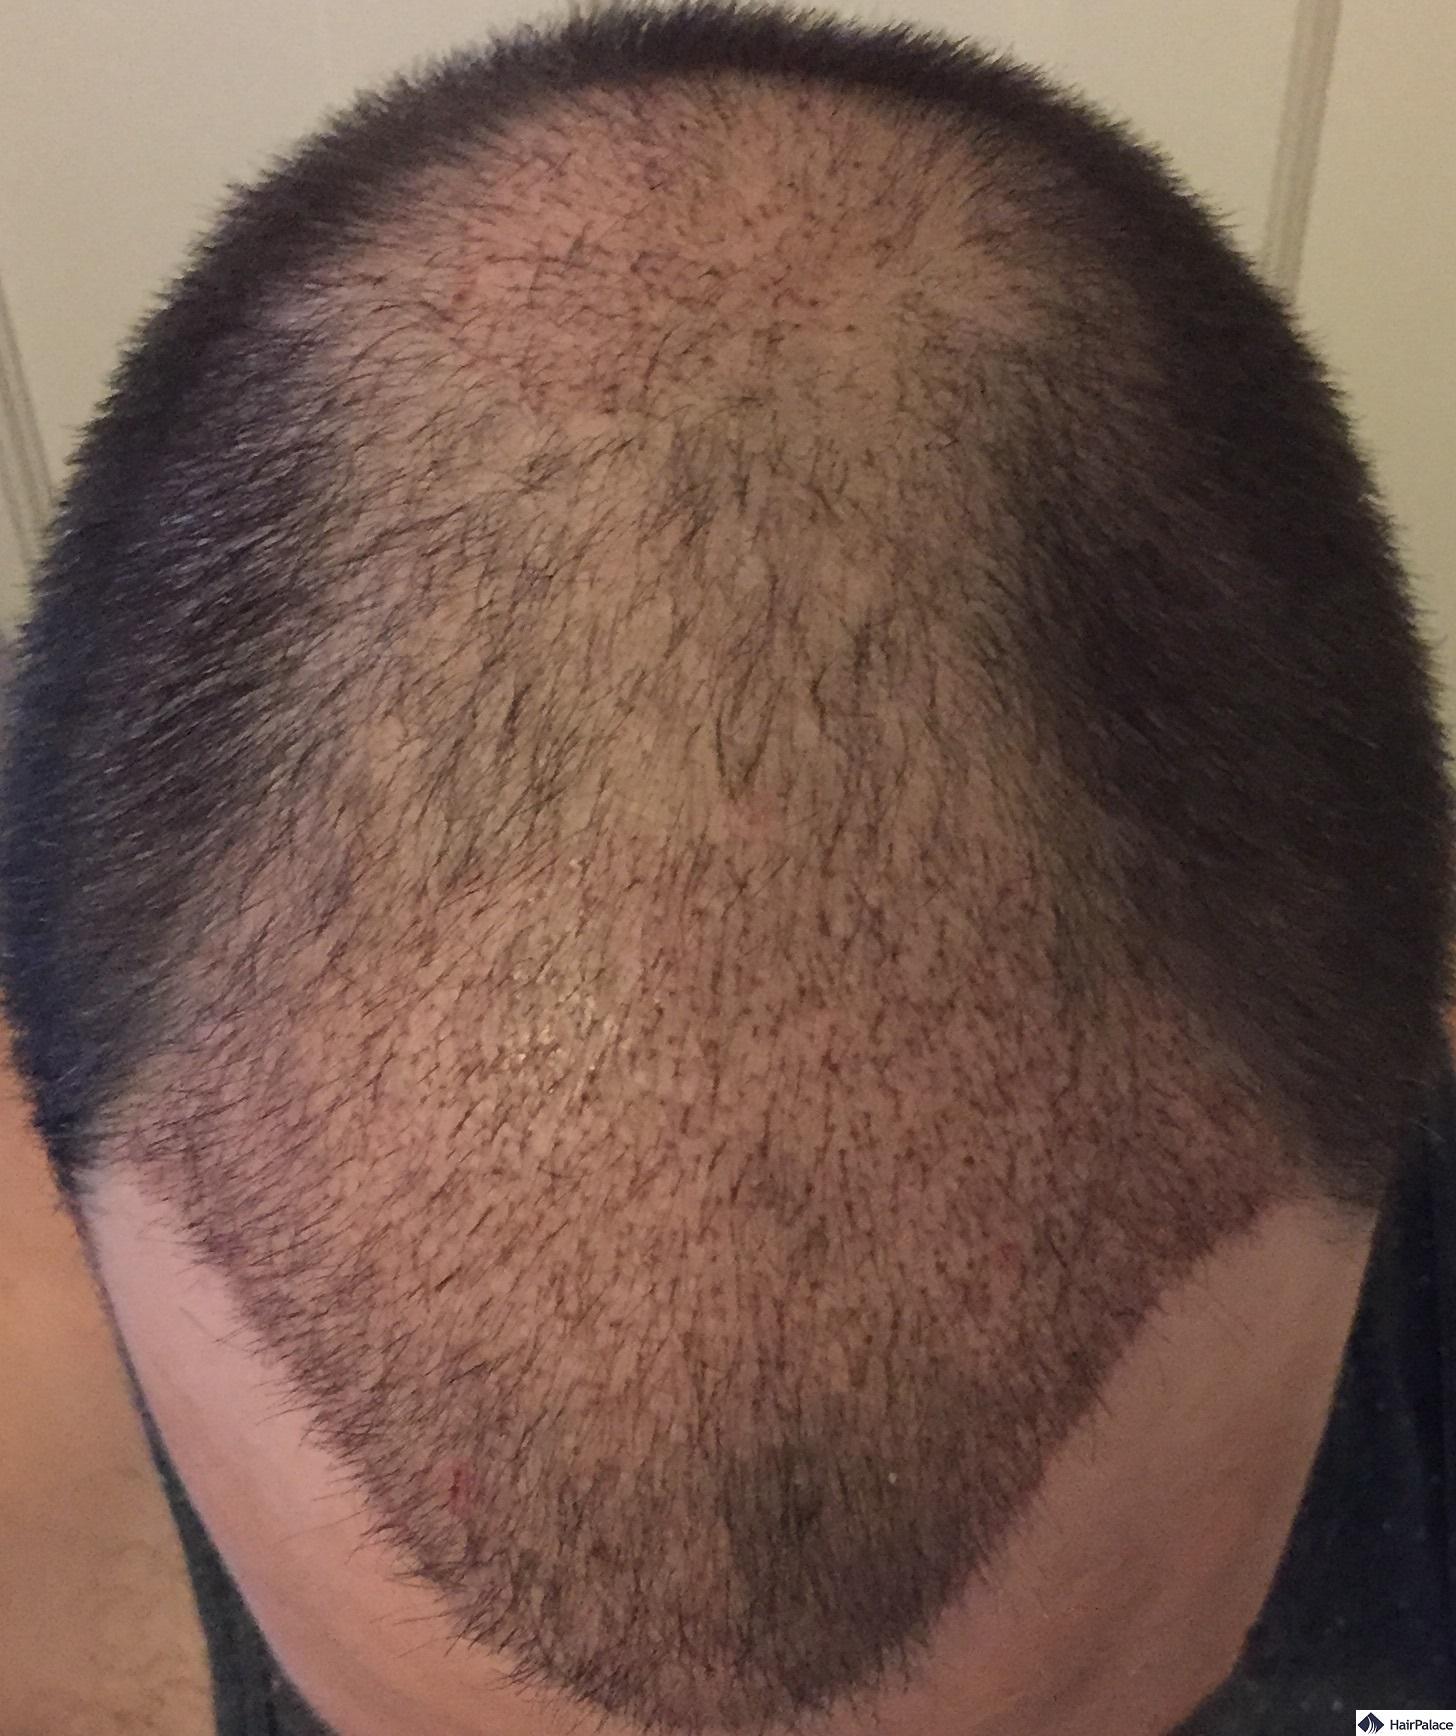 3 weeks after hair transplantation